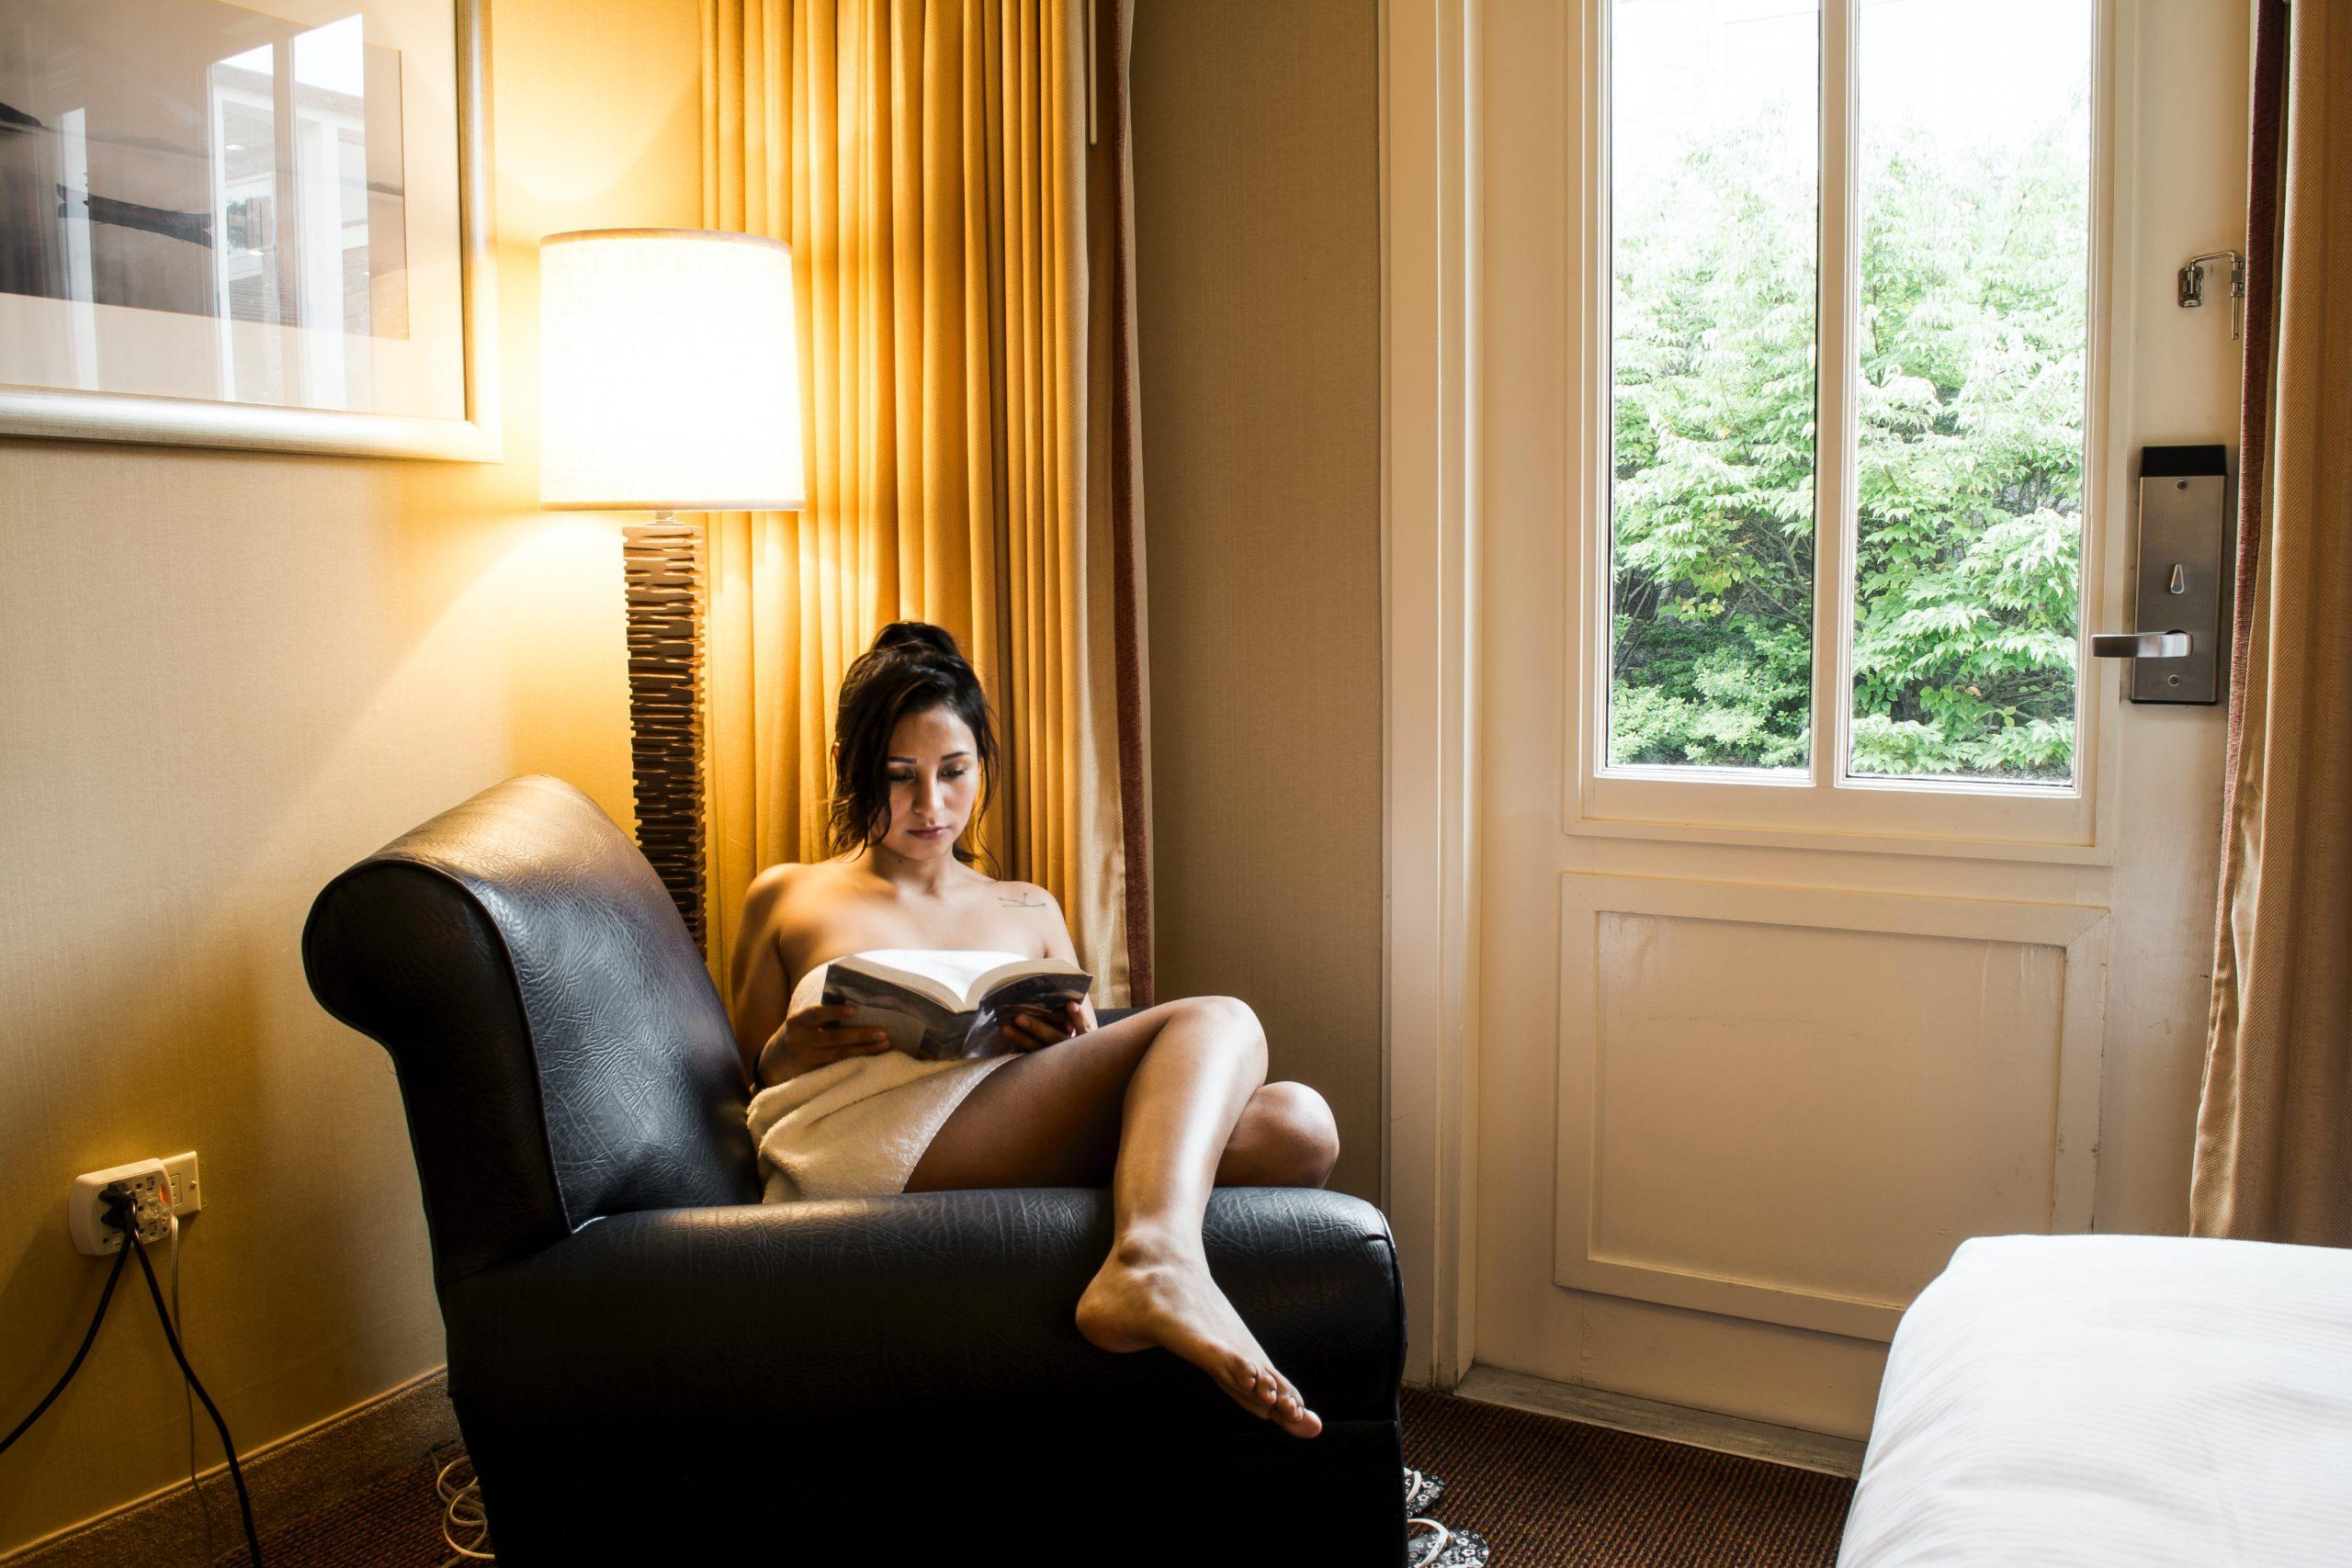 chica leyendo al lado de lampara